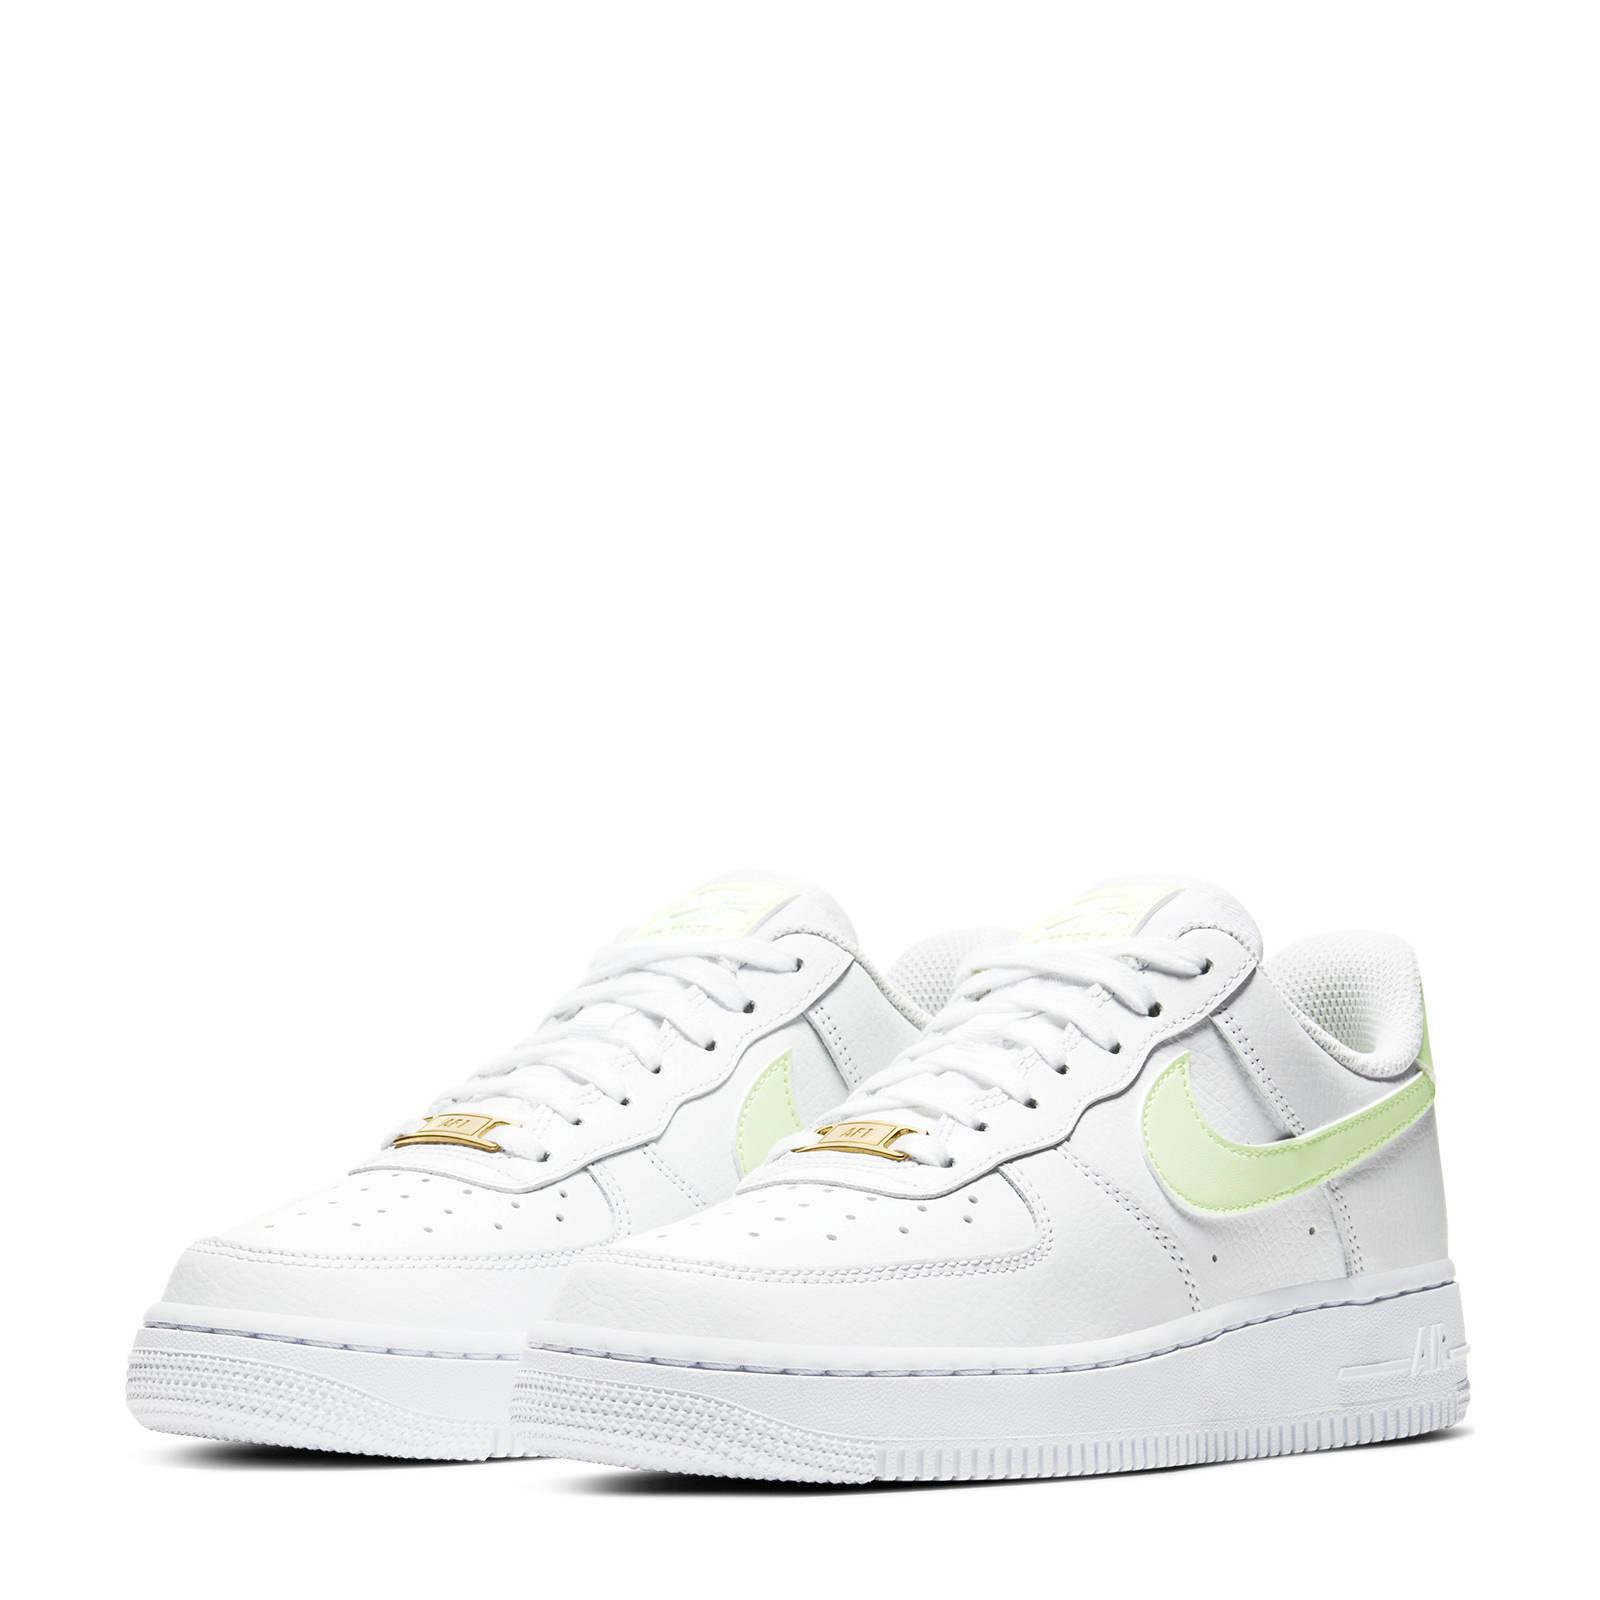 Nike Air Force 1 '07 sneakers wit/geel | wehkamp